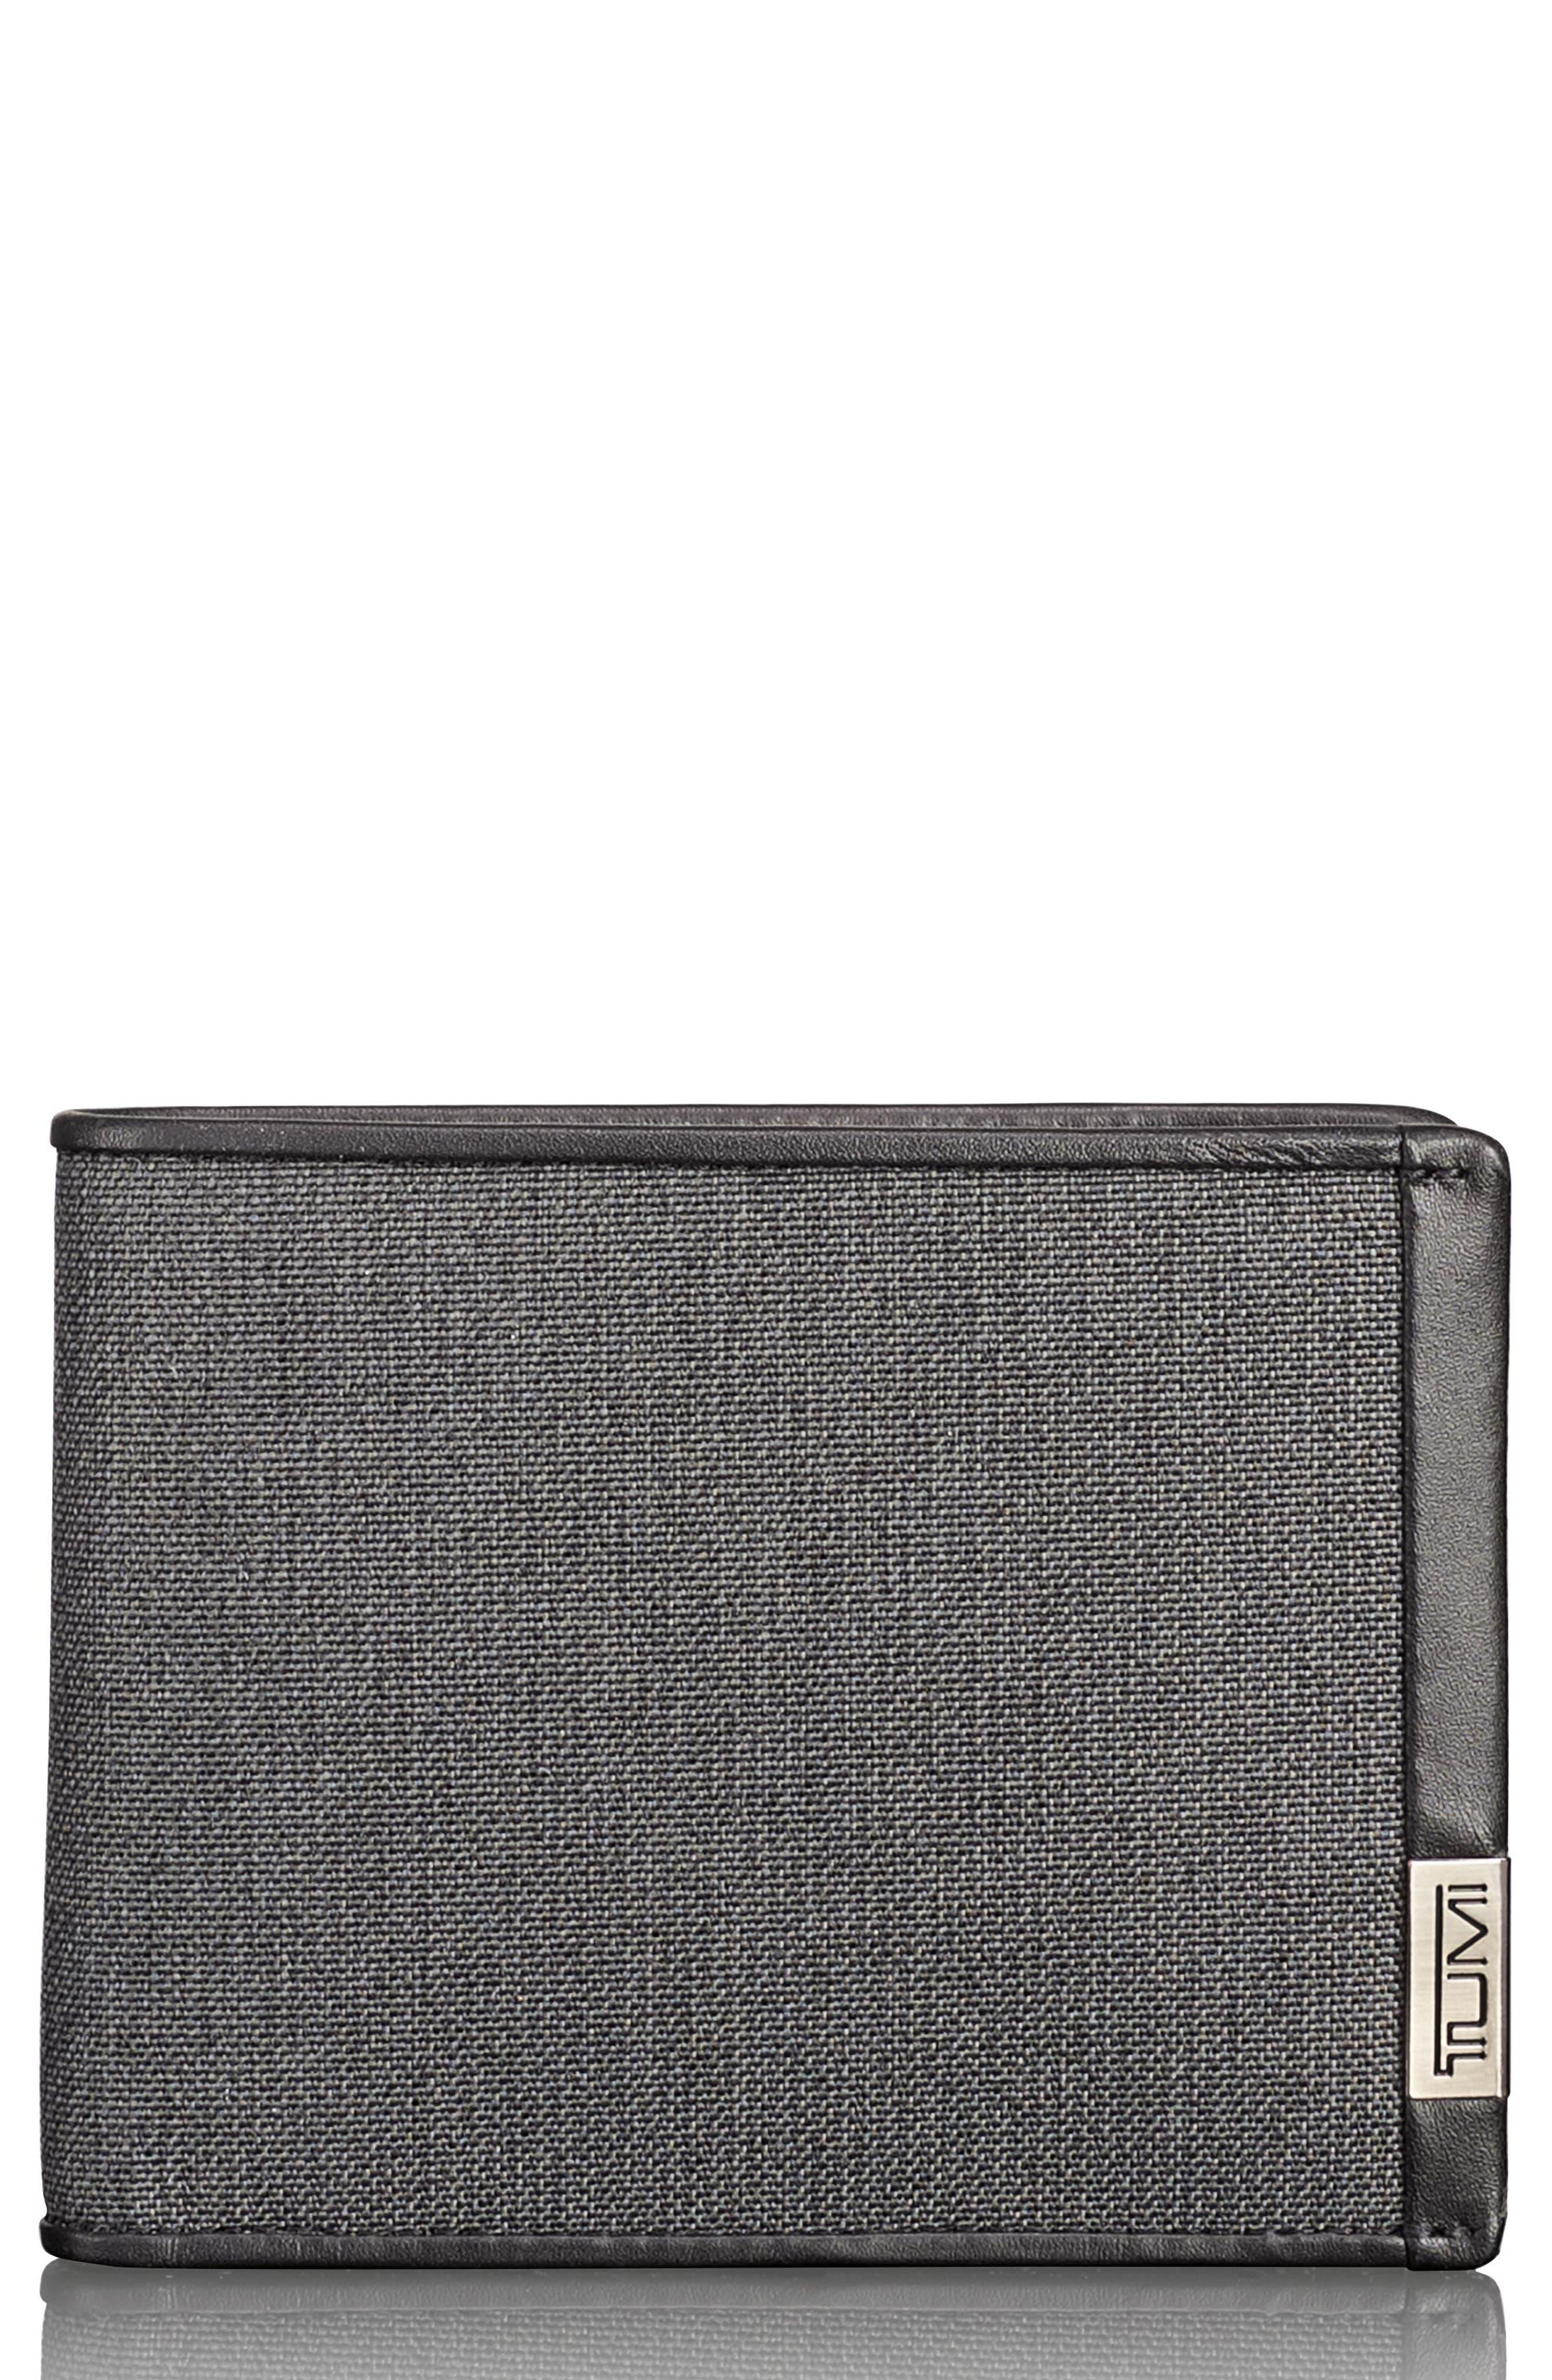 Alpha Global Wallet,                         Main,                         color, Anthracite/ Black